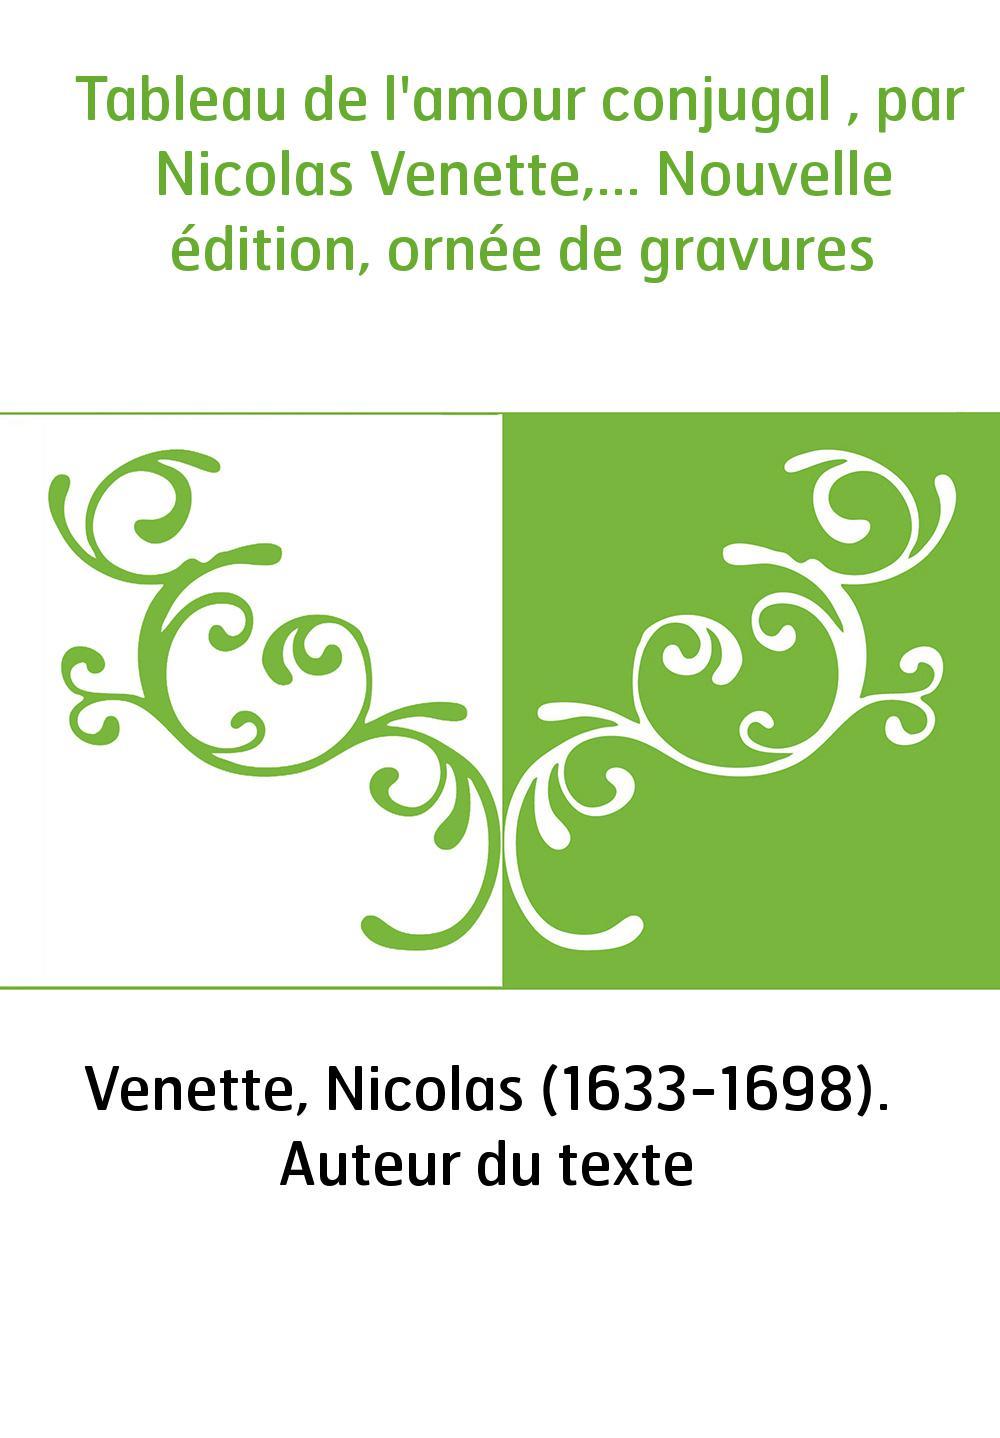 Tableau de l'amour conjugal , par Nicolas Venette,... Nouvelle édition, ornée de gravures